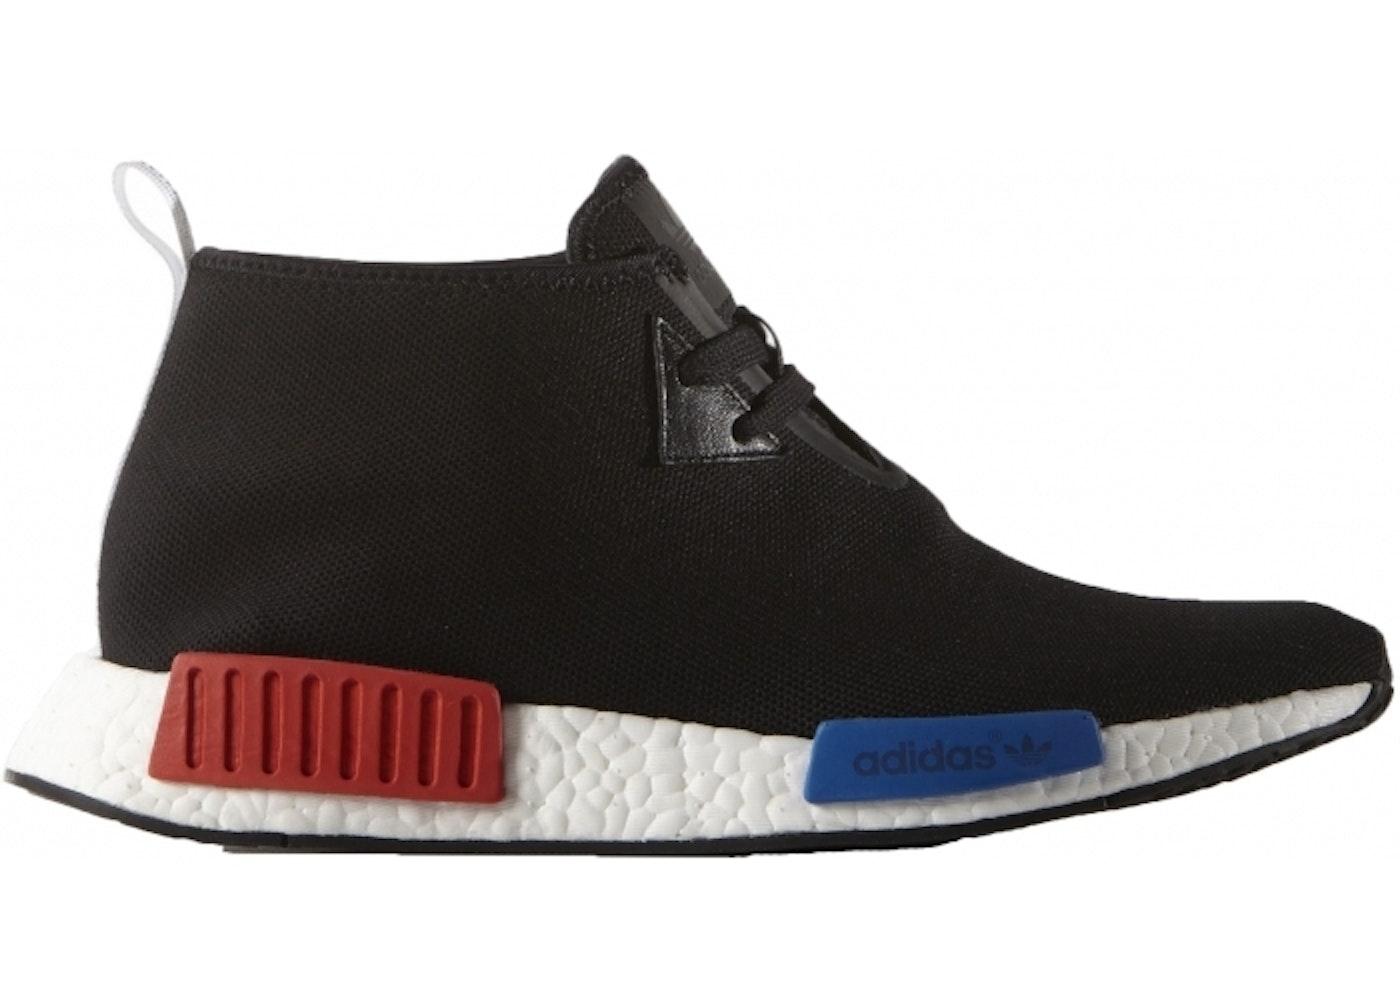 new arrival b909a 0f2cf Adidas NMD C1 OG On Feet